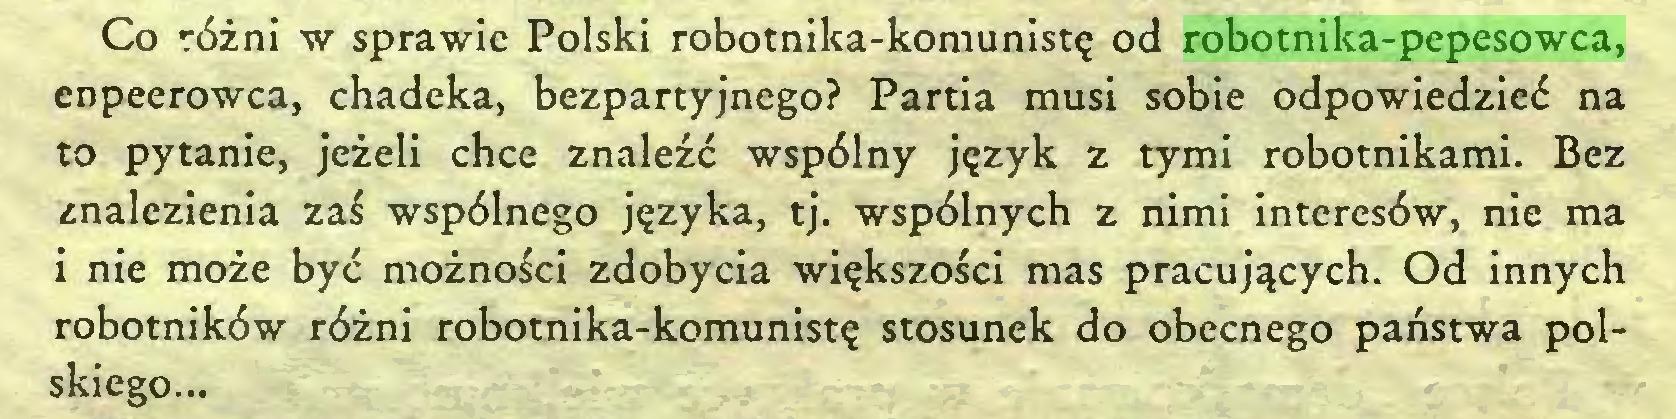 (...) Co różni w sprawie Polski robotnika-komunistę od robotnika-pepesowca, enpeerowca, chadeka, bezpartyjnego? Partia musi sobie odpowiedzieć na to pytanie, jeżeli chce znaleźć wspólny język z tymi robotnikami. Bez znalezienia zaś wspólnego języka, tj. wspólnych z nimi interesów, nie ma i nie może być możności zdobycia większości mas pracujących. Od innych robotników różni robotnika-komunistę stosunek do obecnego państwa polskiego...